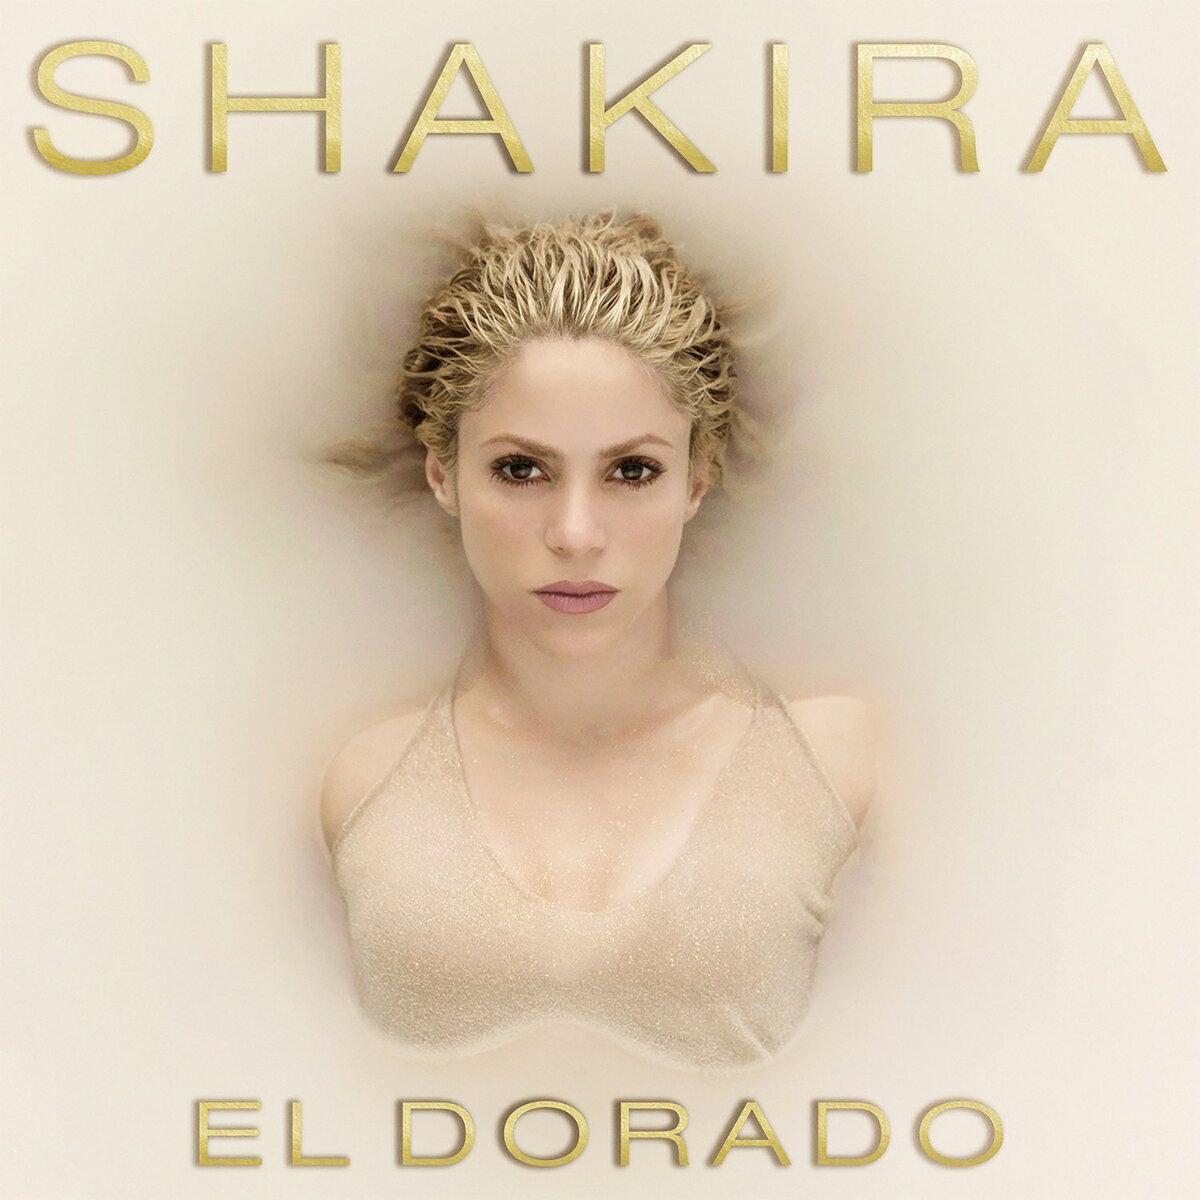 【輸入盤】エル・ドラド [ Shakira ]